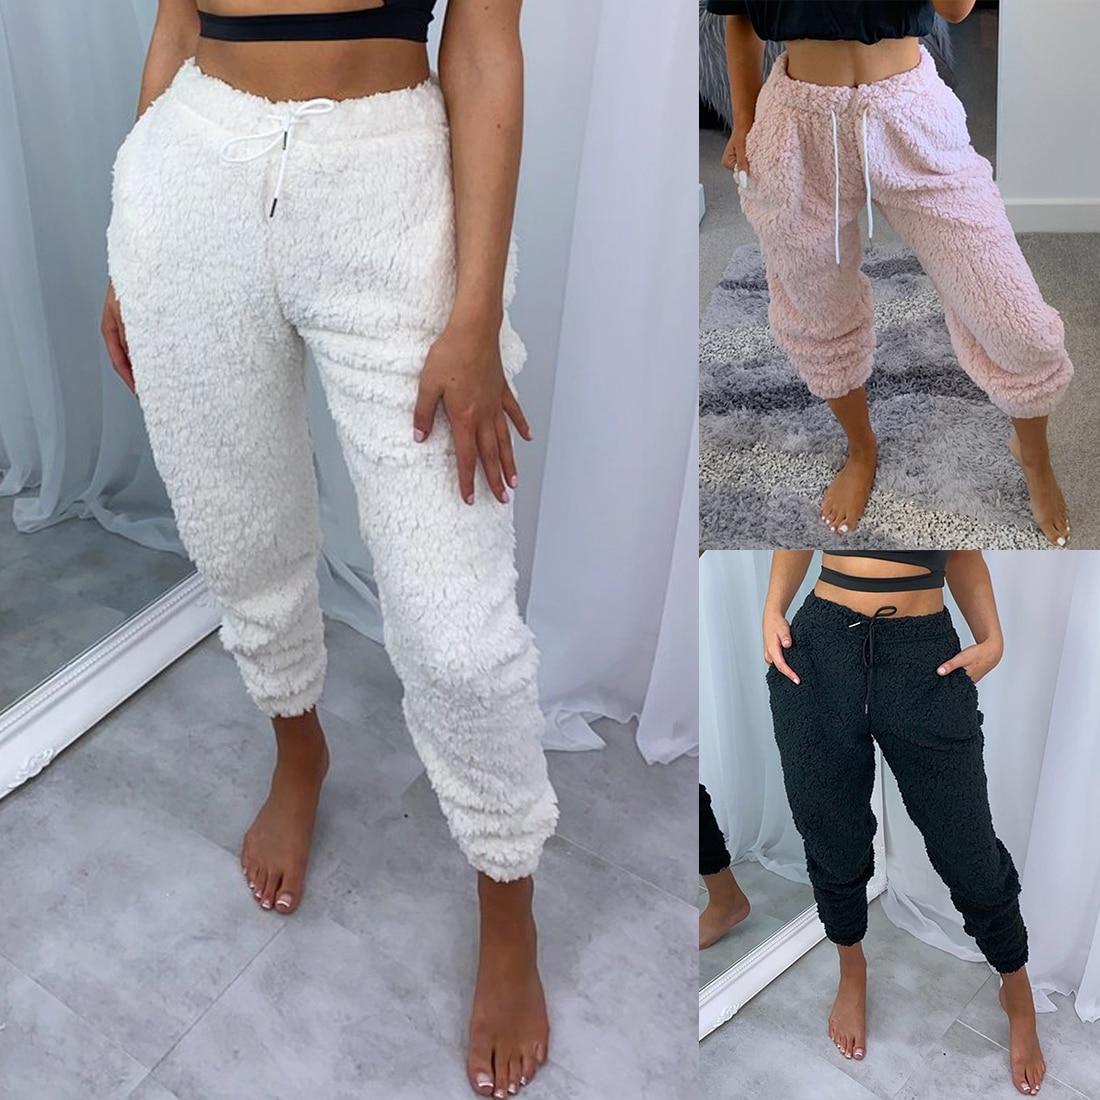 Pijama De Franela Para Mujer Pantalones Bombachos Pantalones Sueltos Elasticos De Invierno 2020 Cintura Solida Pijama Ropa Interior Para Dormir En Casa Pantalones Para Dormir Aliexpress